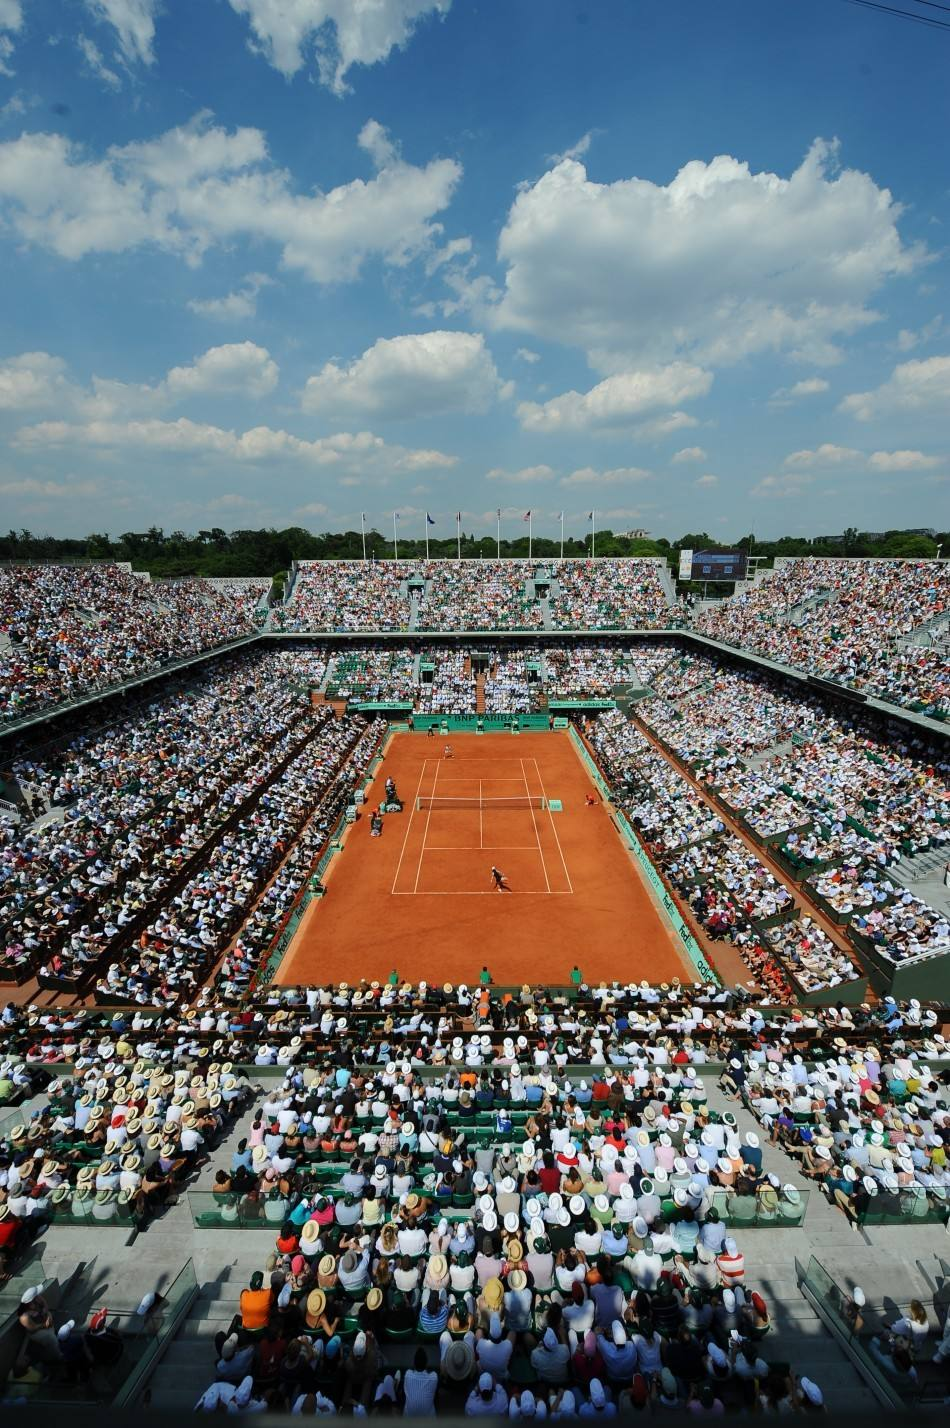 法网公开赛将不会空场。